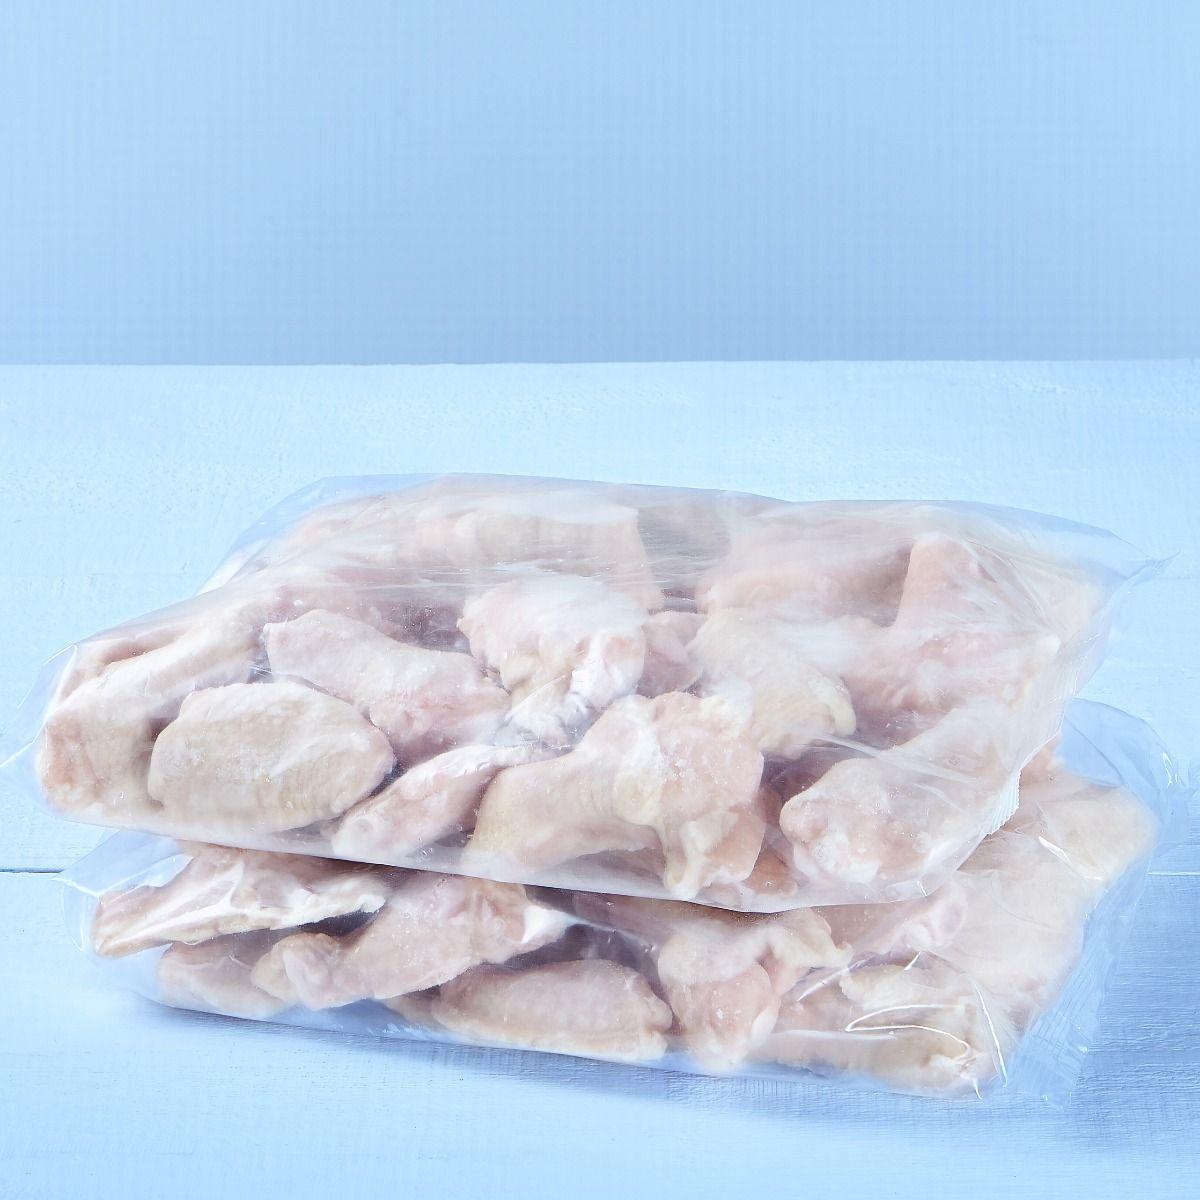 Ailes de poulet coupées (assaisonnées)